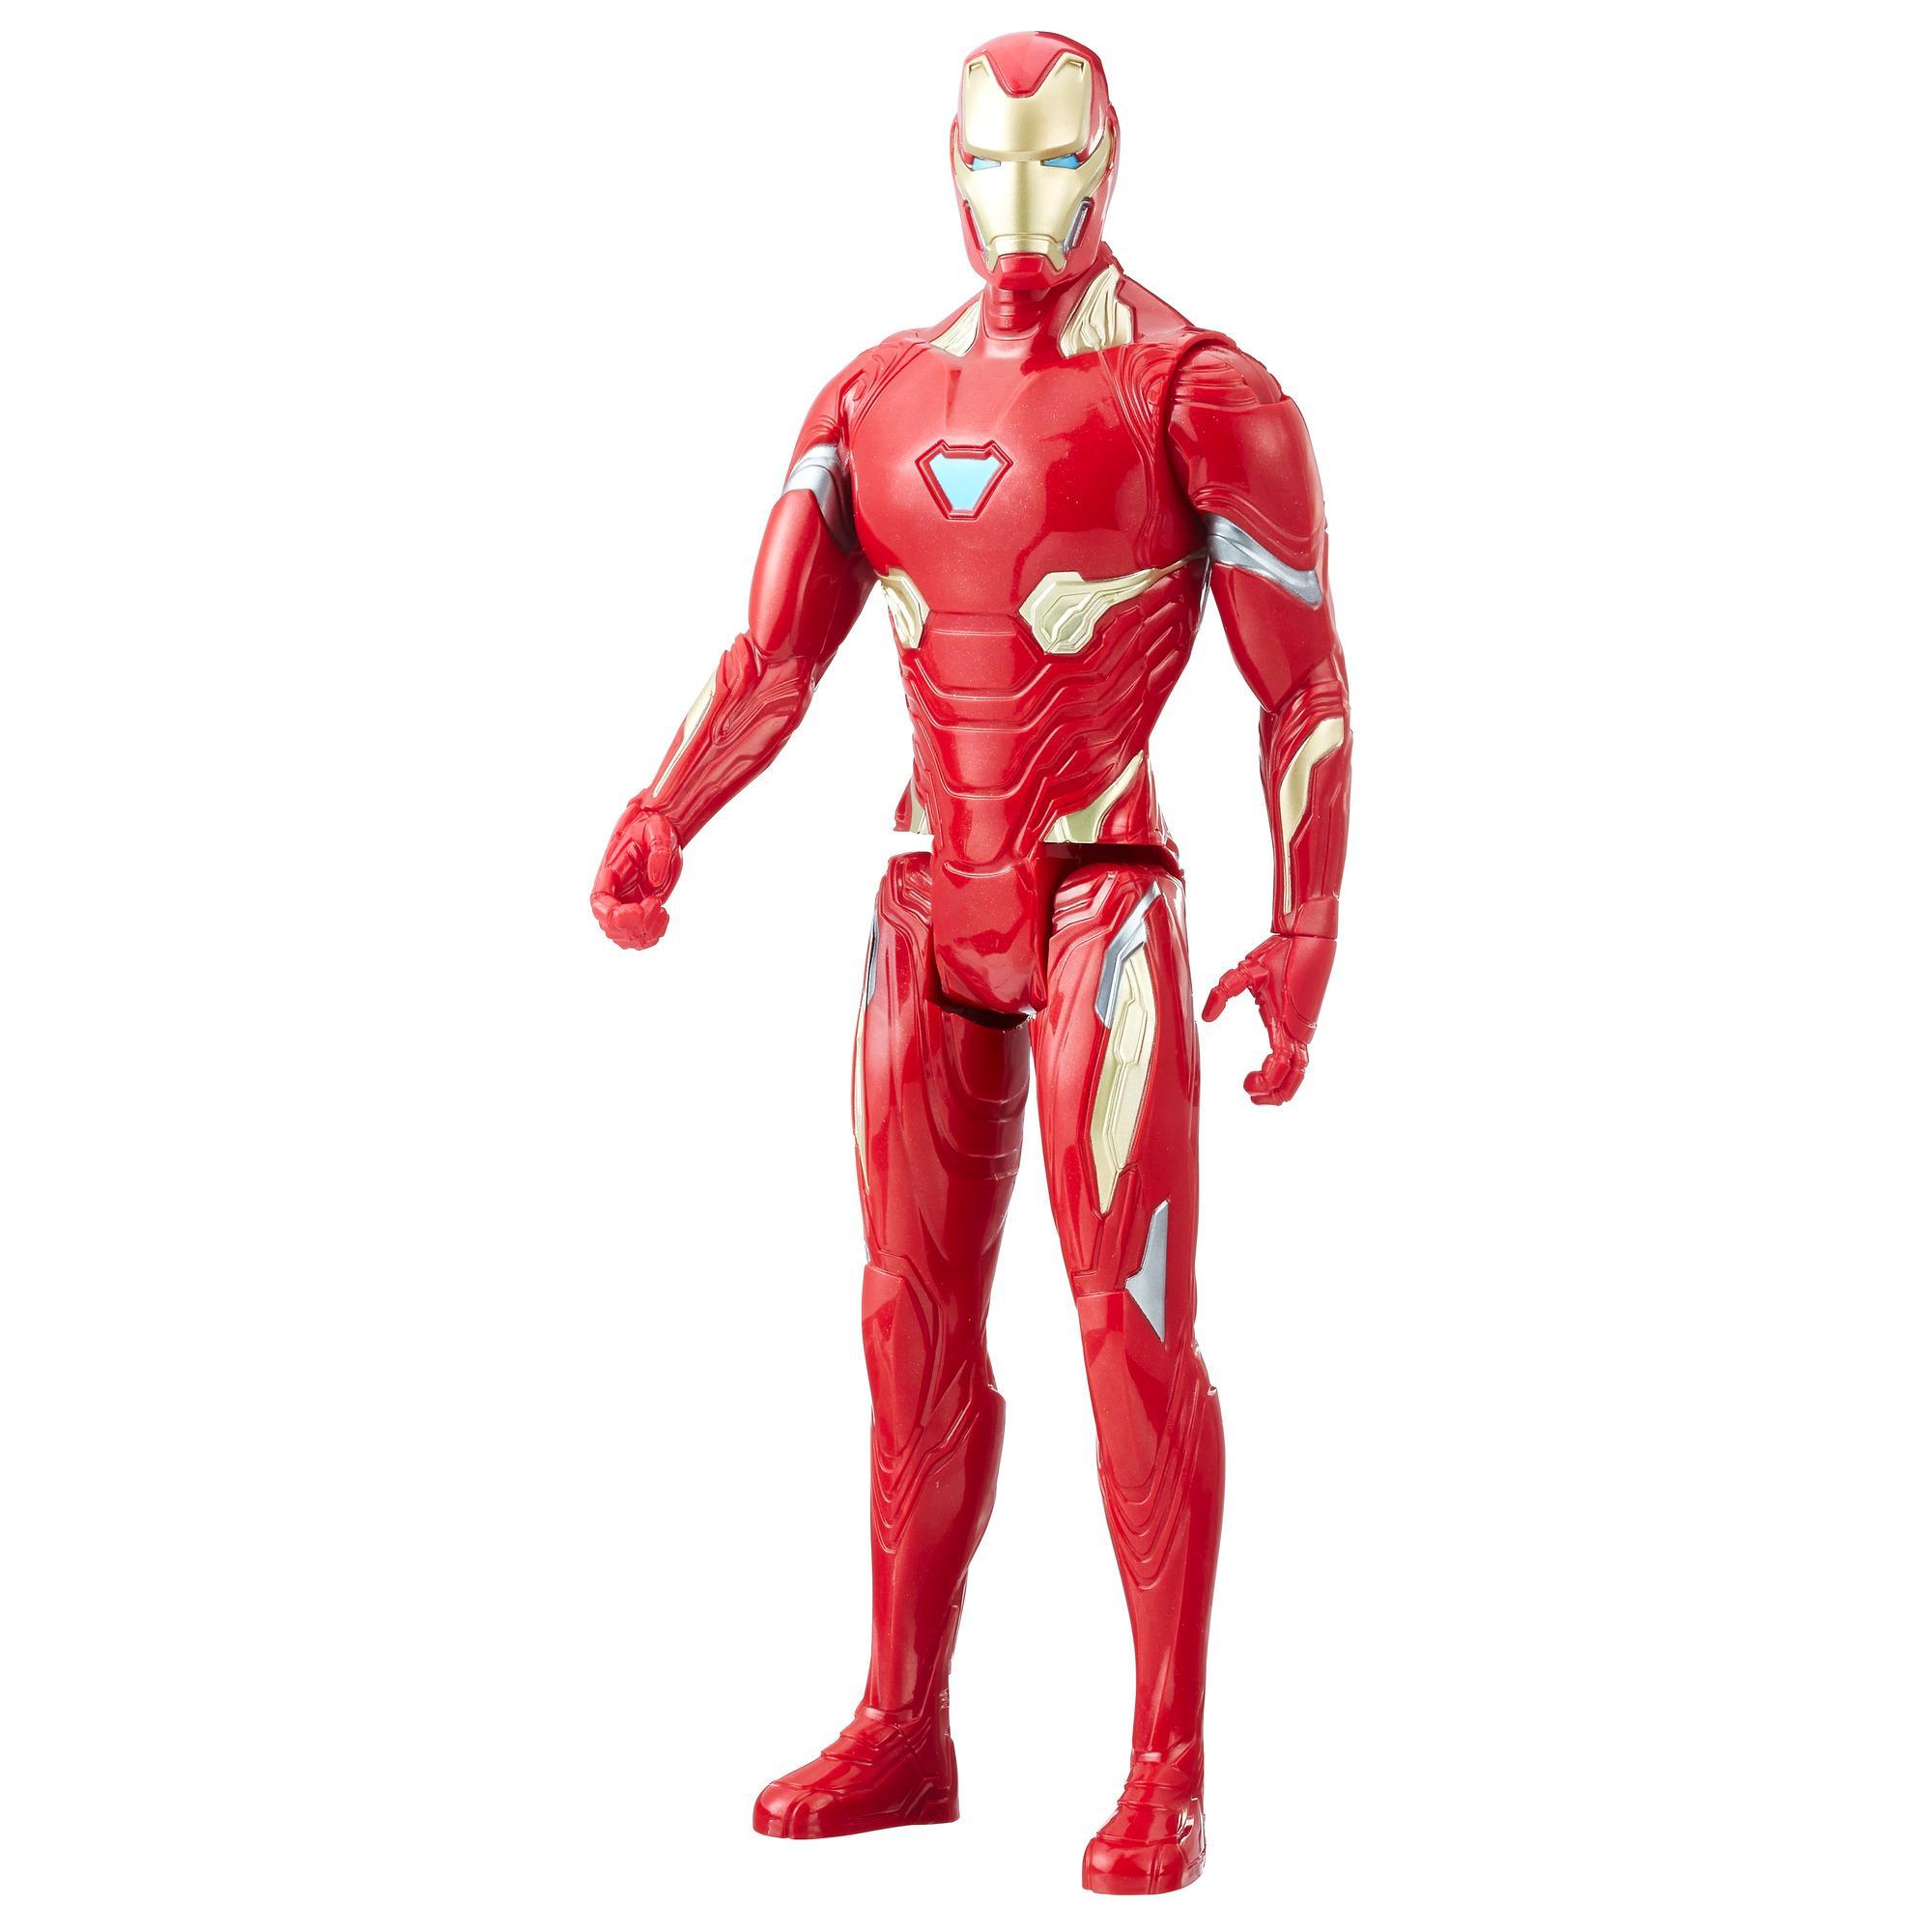 Игрушка Marvel Мстители Титаны Железный человек (E1410) Hasbro